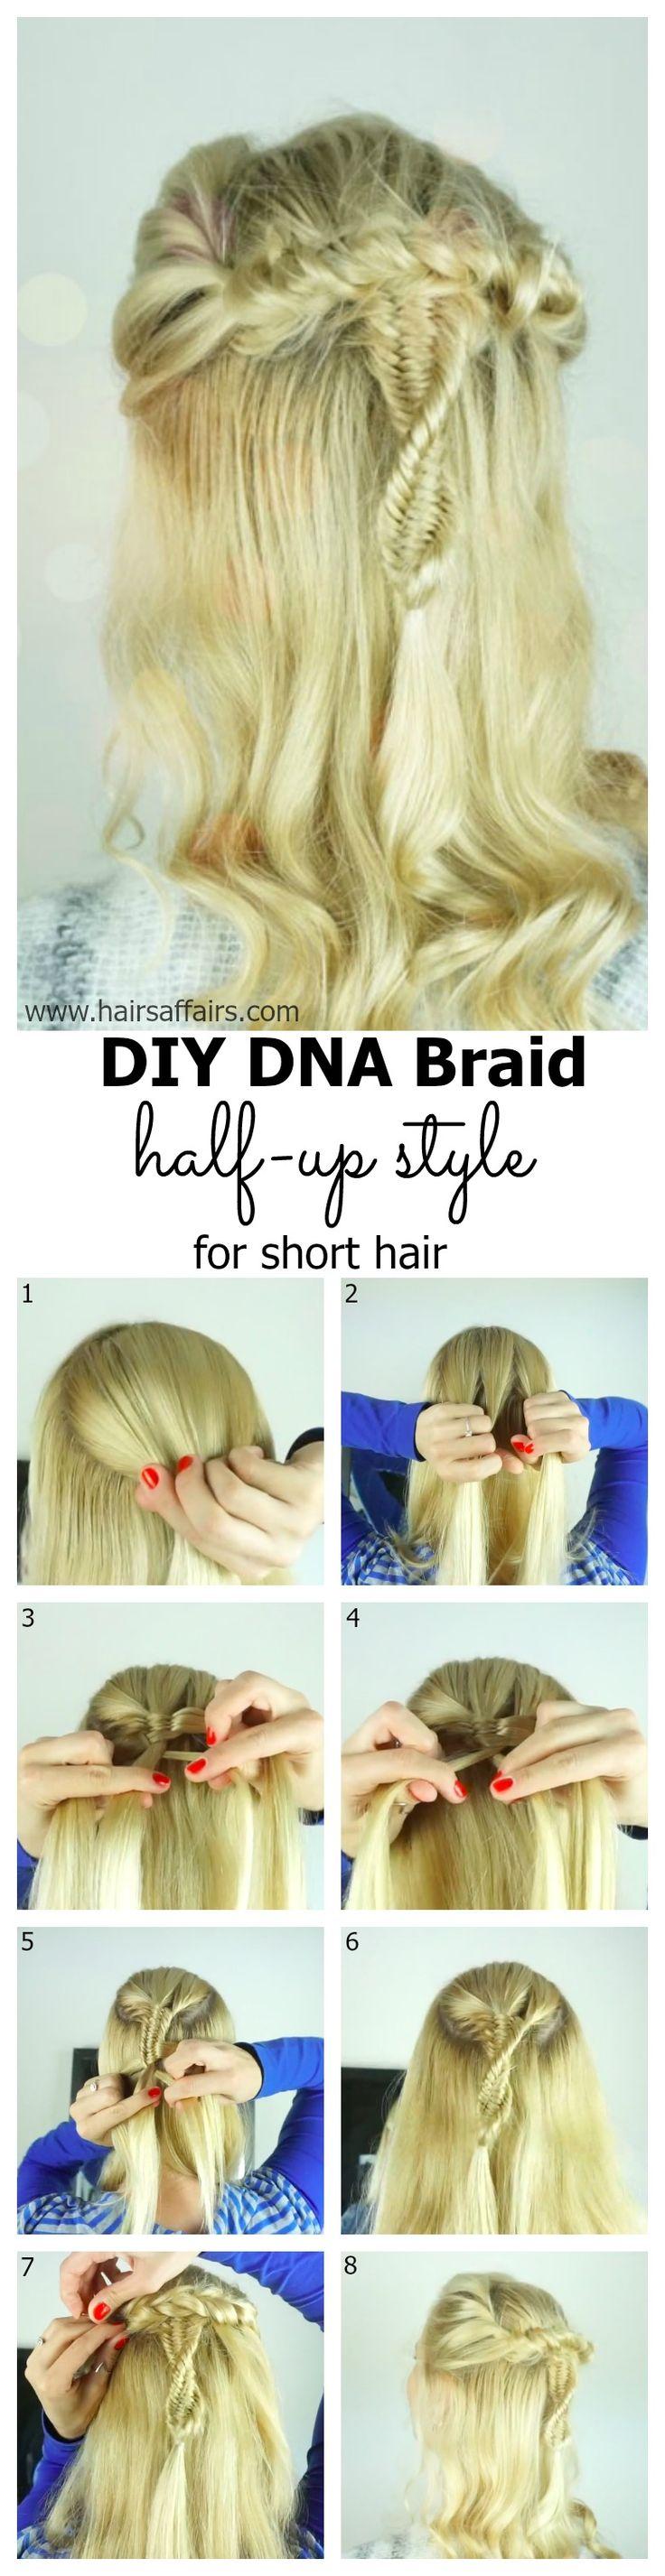 DNA braid tutorial at https://hairsaffairs.com/dna-braid-3-strand-fishtail-braid-tutorial/